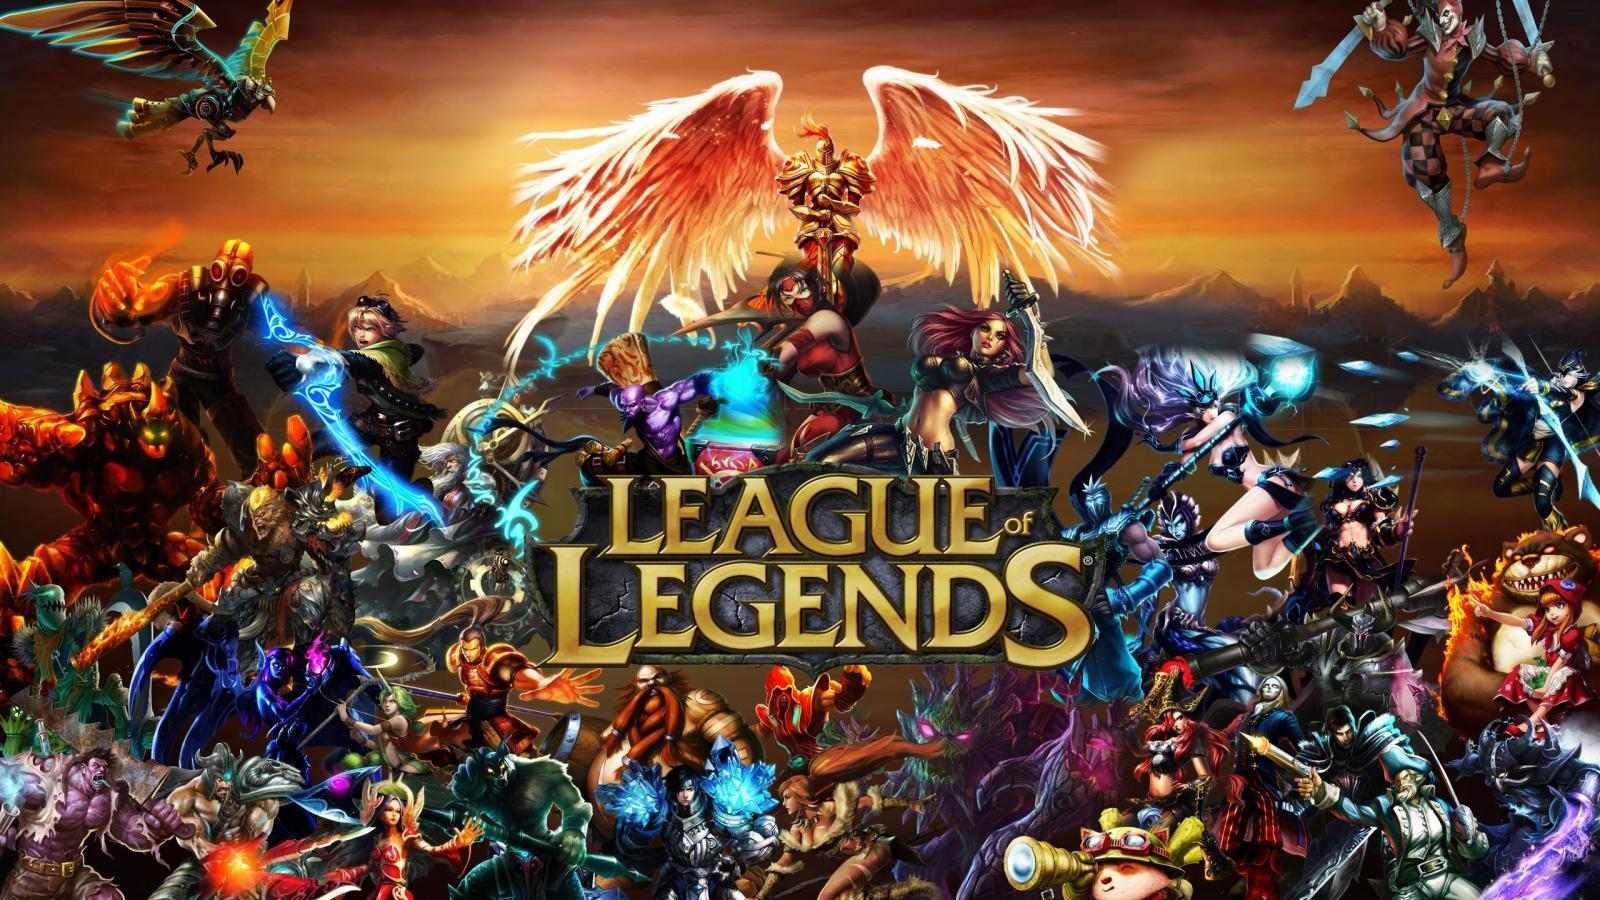 wie viel geld habe ich für league of legends ausgegeben